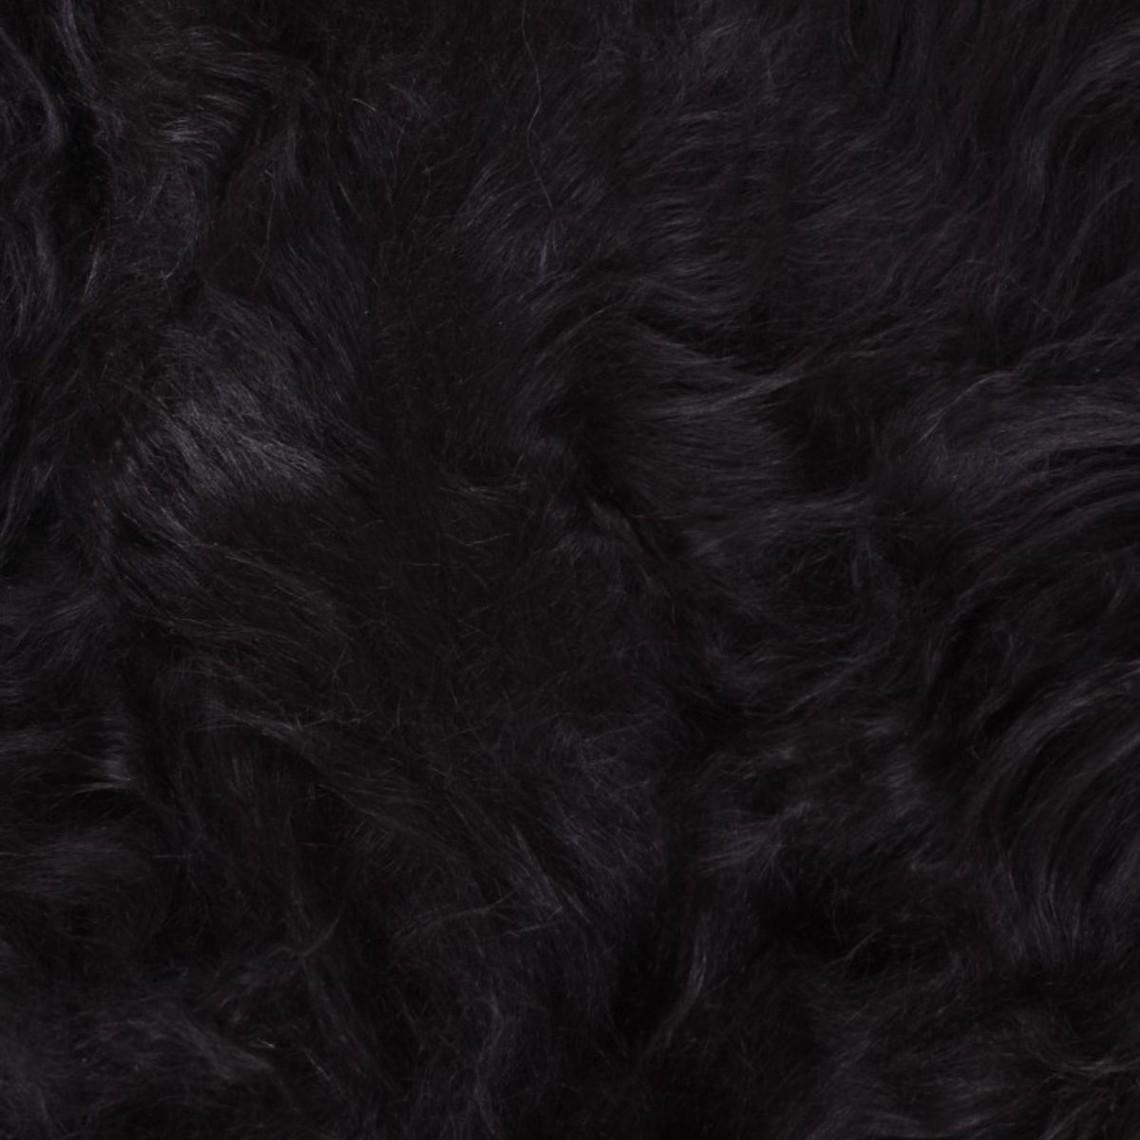 Nero pelle di pecora scandinava